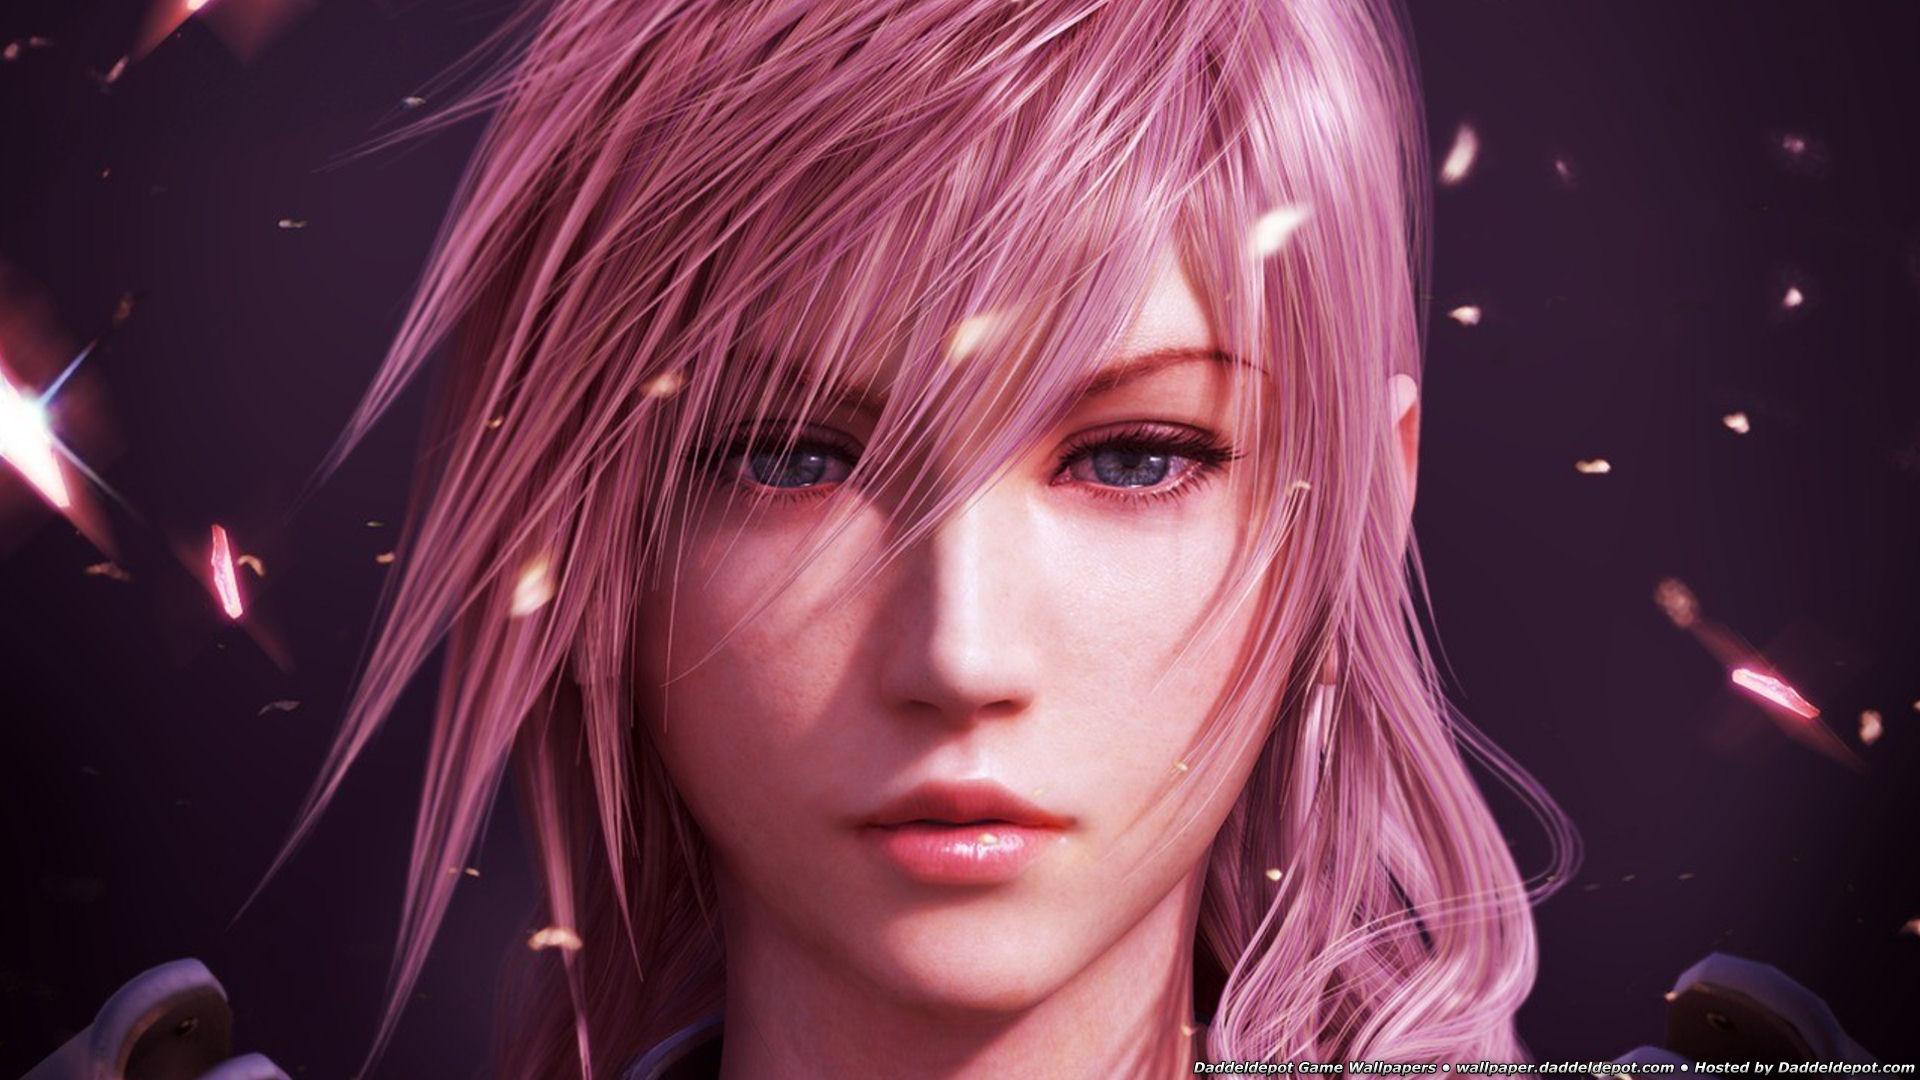 Square Enix ha anunciado que la versión de PC de Final Fantasy XIII-2 incluirá la mayor parte de los DLCs pensados para consolas, pero no todos.